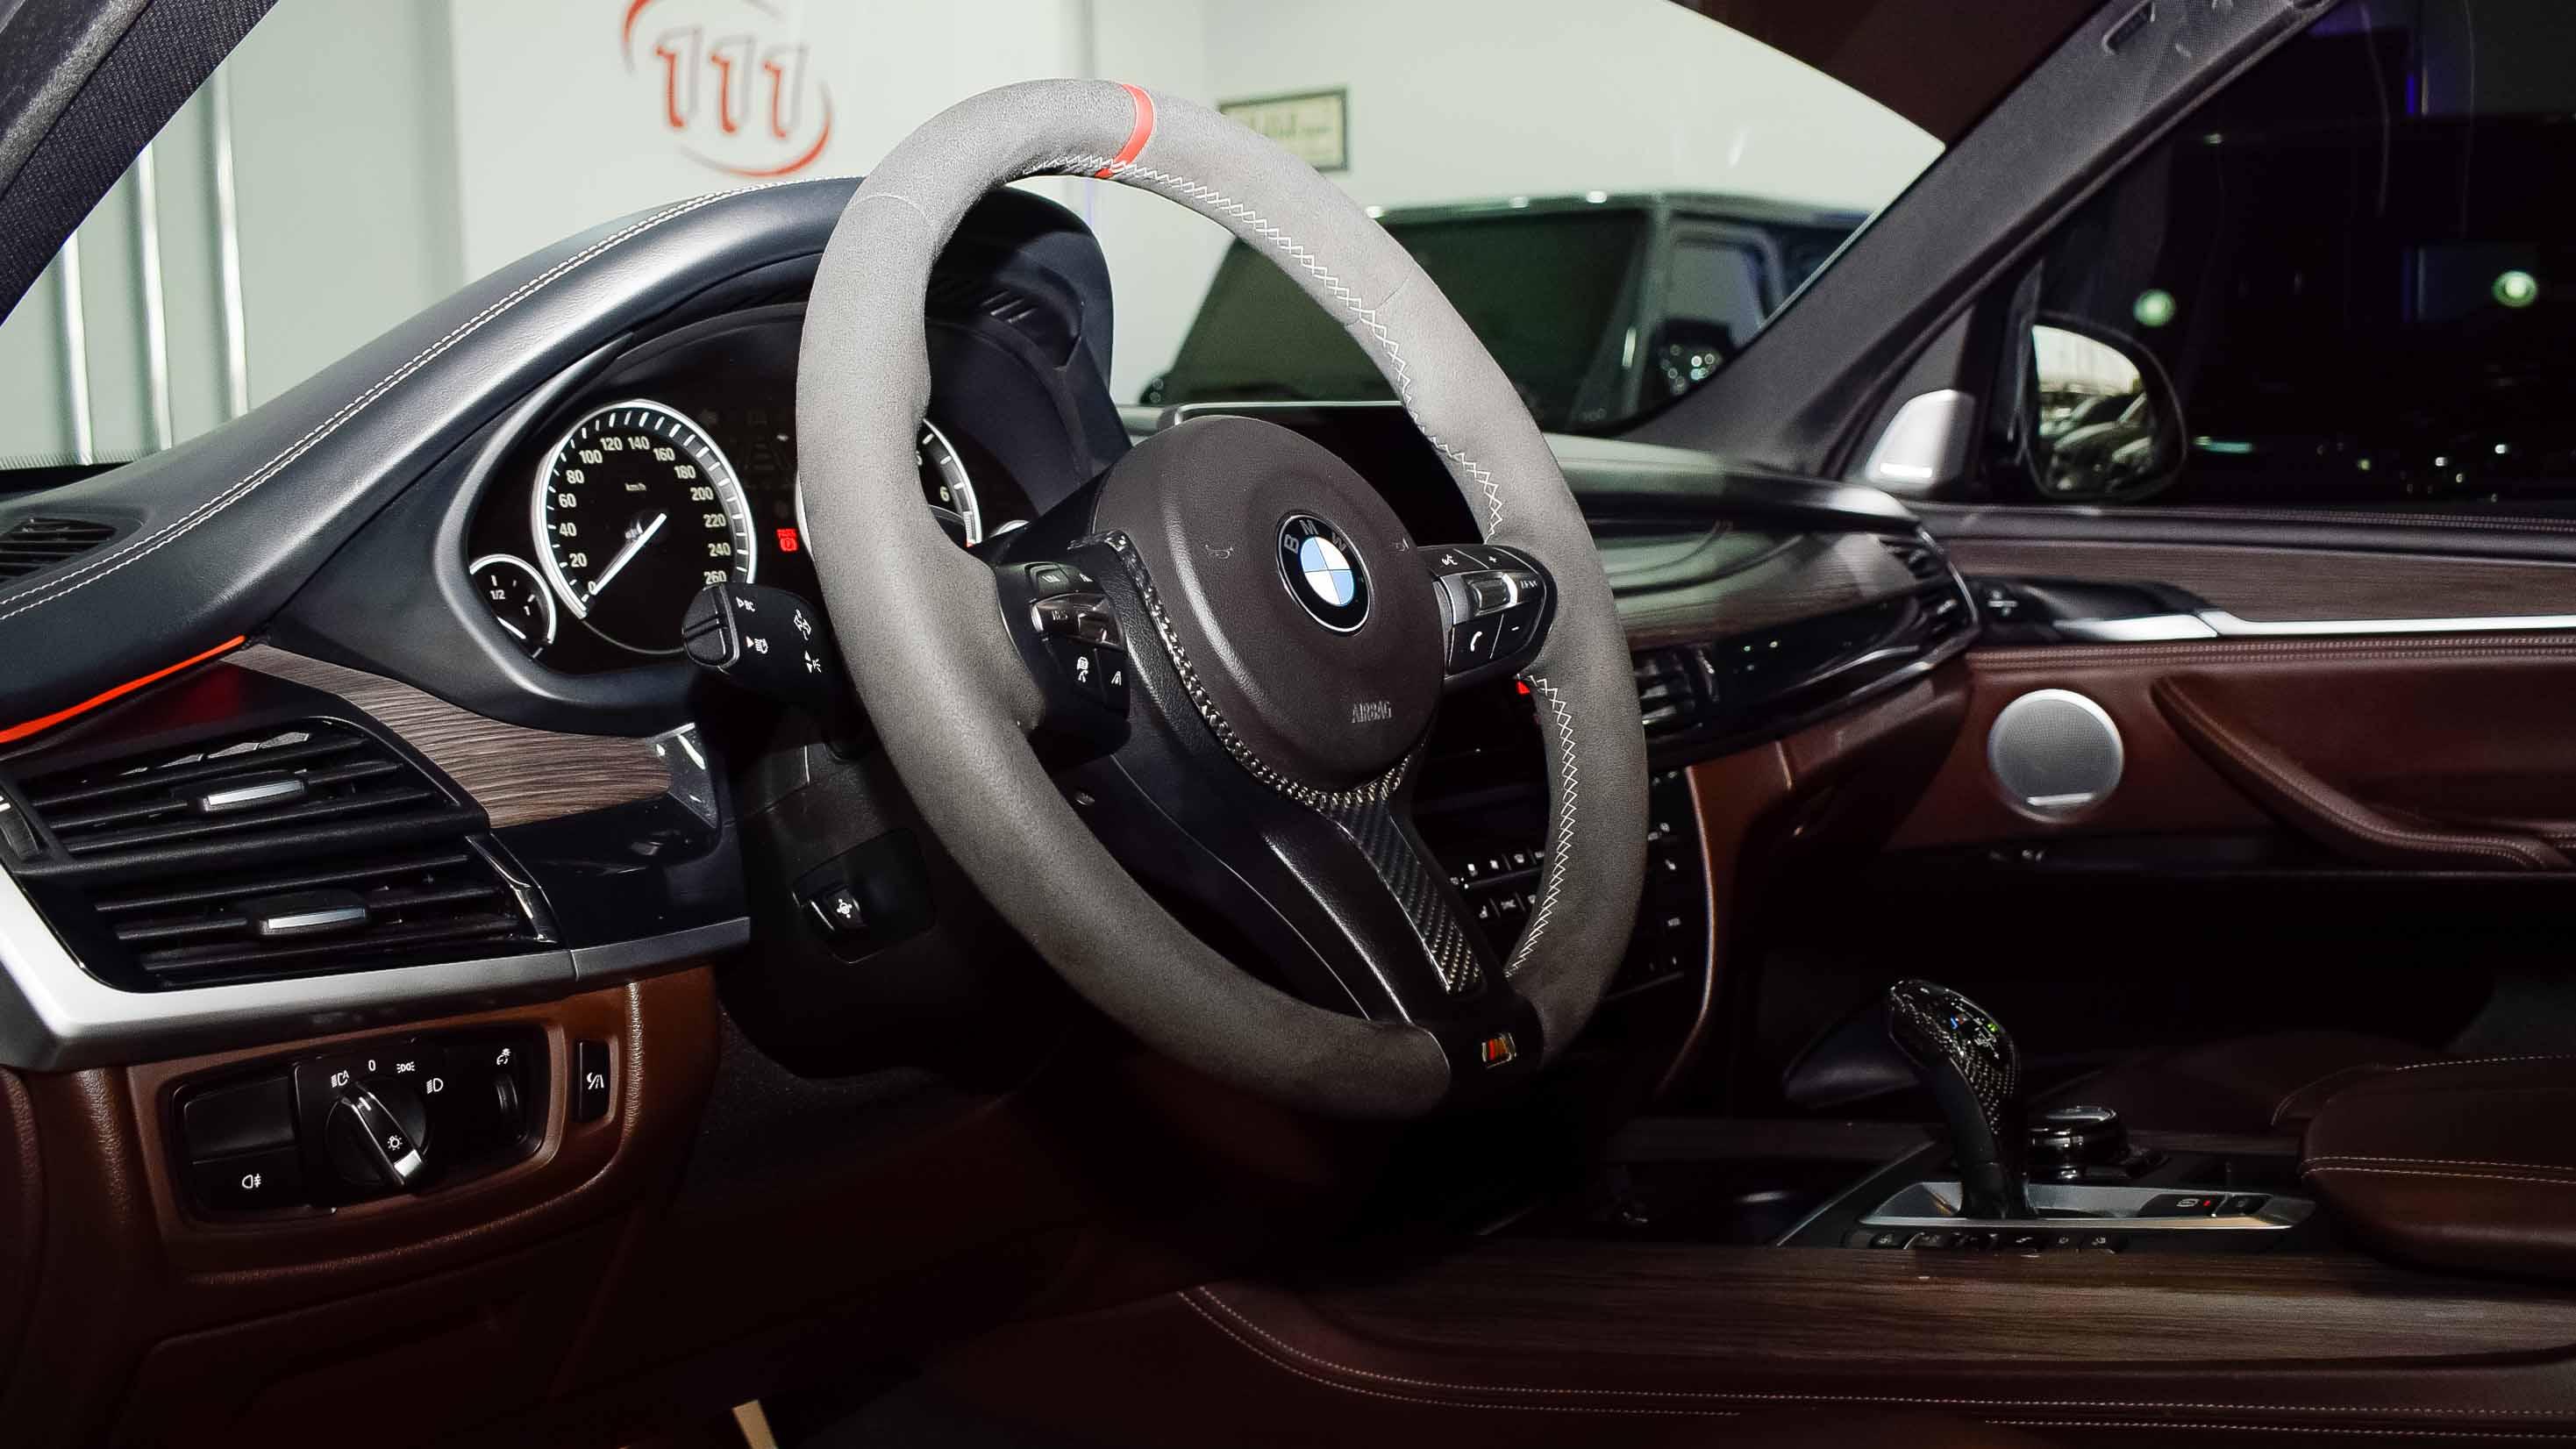 2014-BMW-X5-xDrive50i-M-Performance-White-Tan-GCC-04.jpg